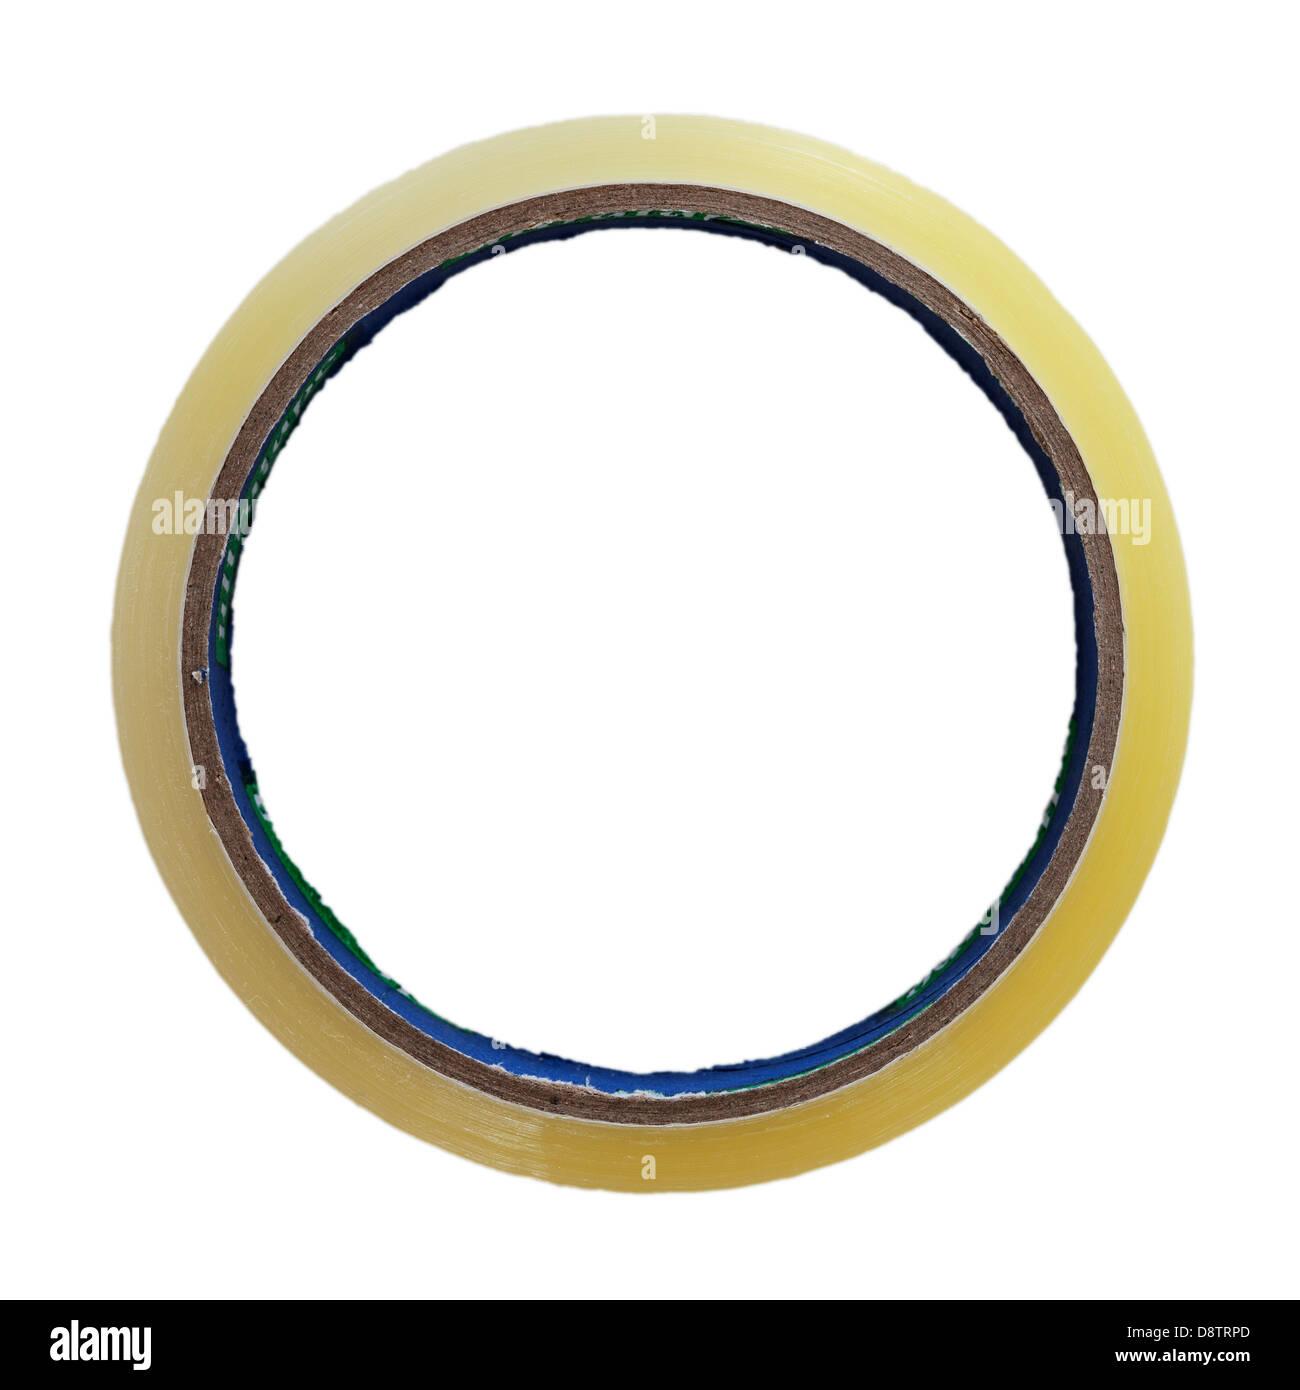 Un rouleau de papier collant du ruban gommé sur un fond blanc Photo Stock